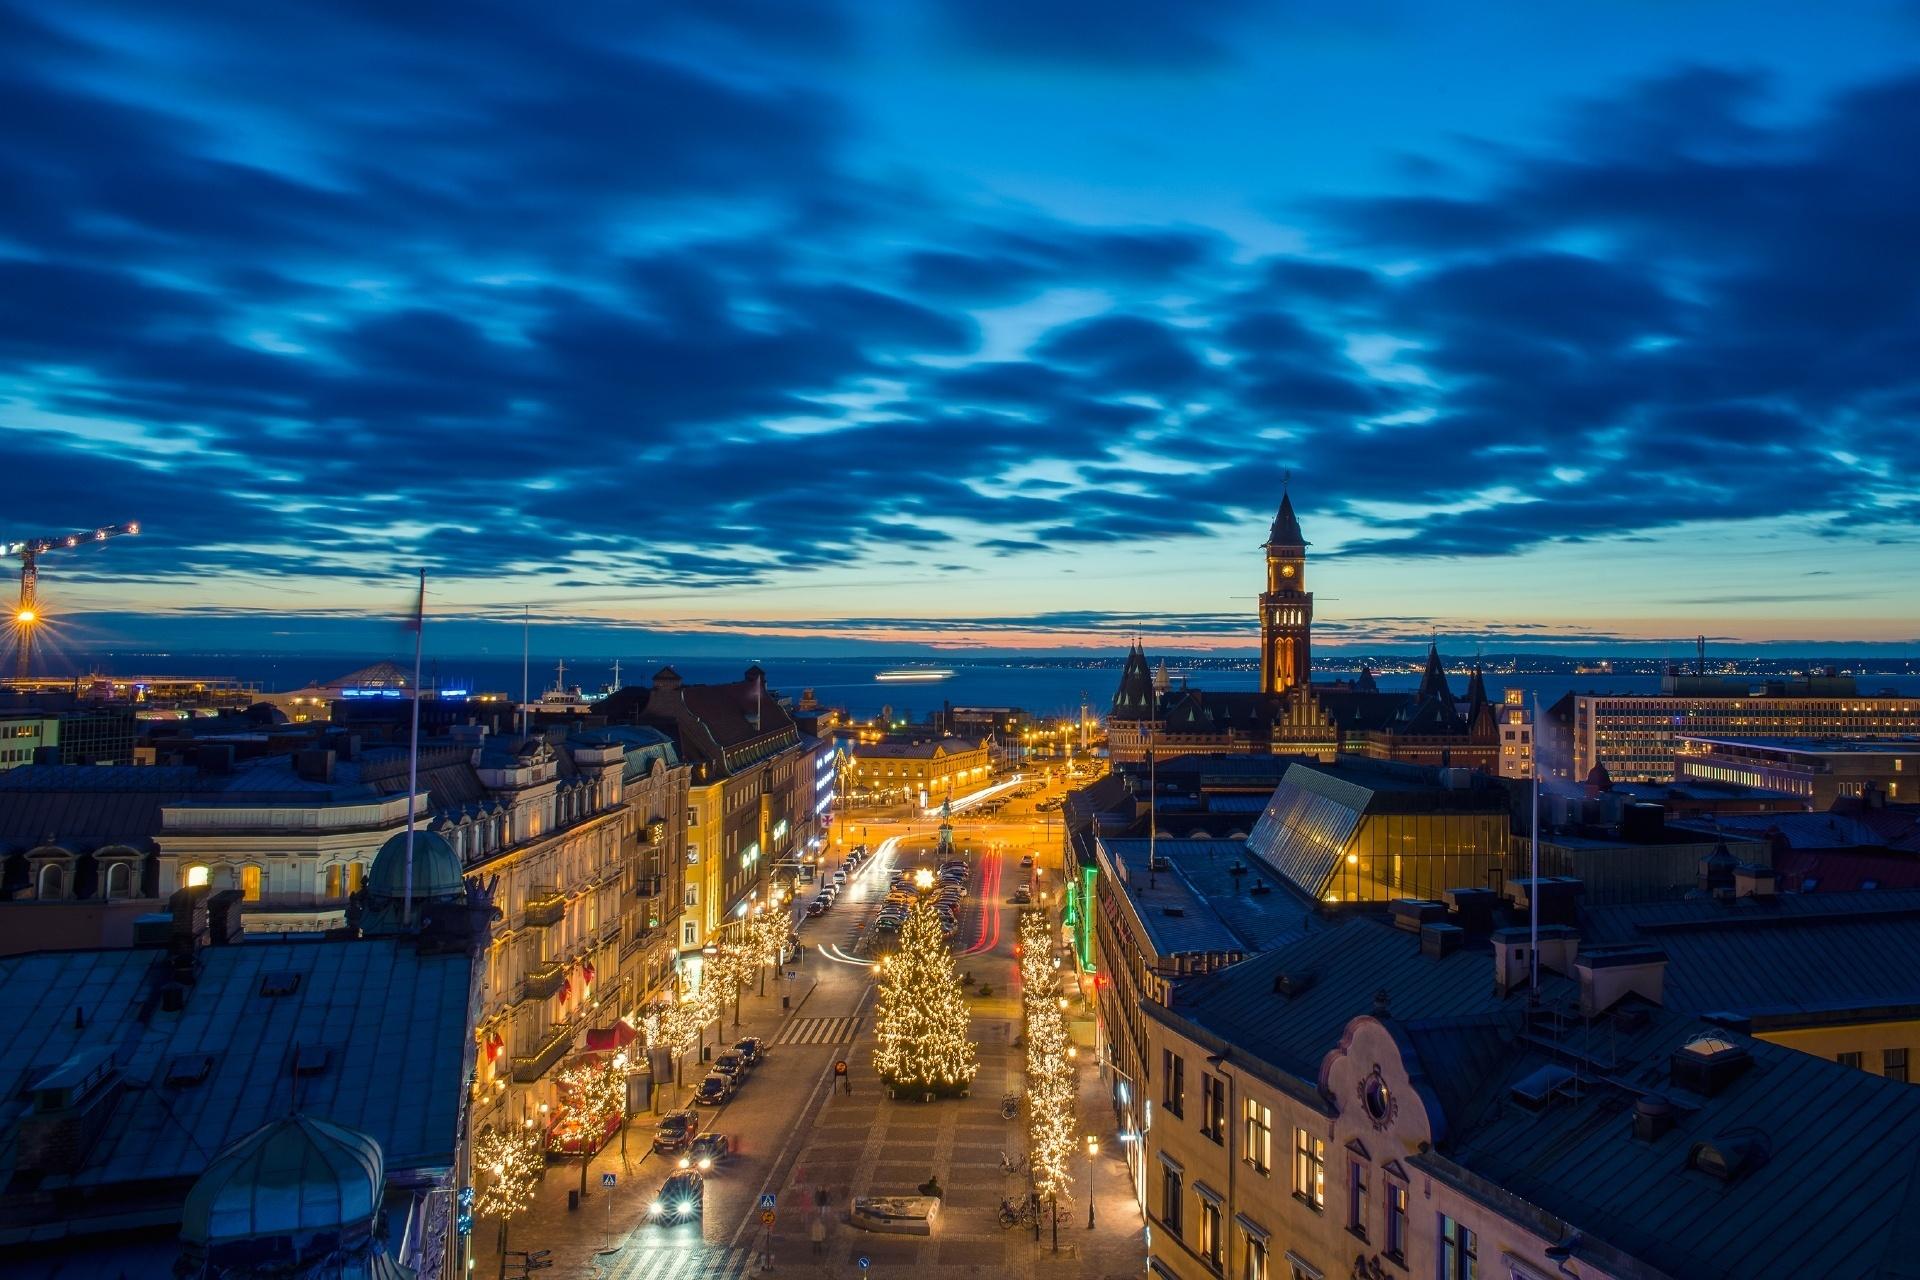 ヘルシンボリの夜景 スウェーデンの風景